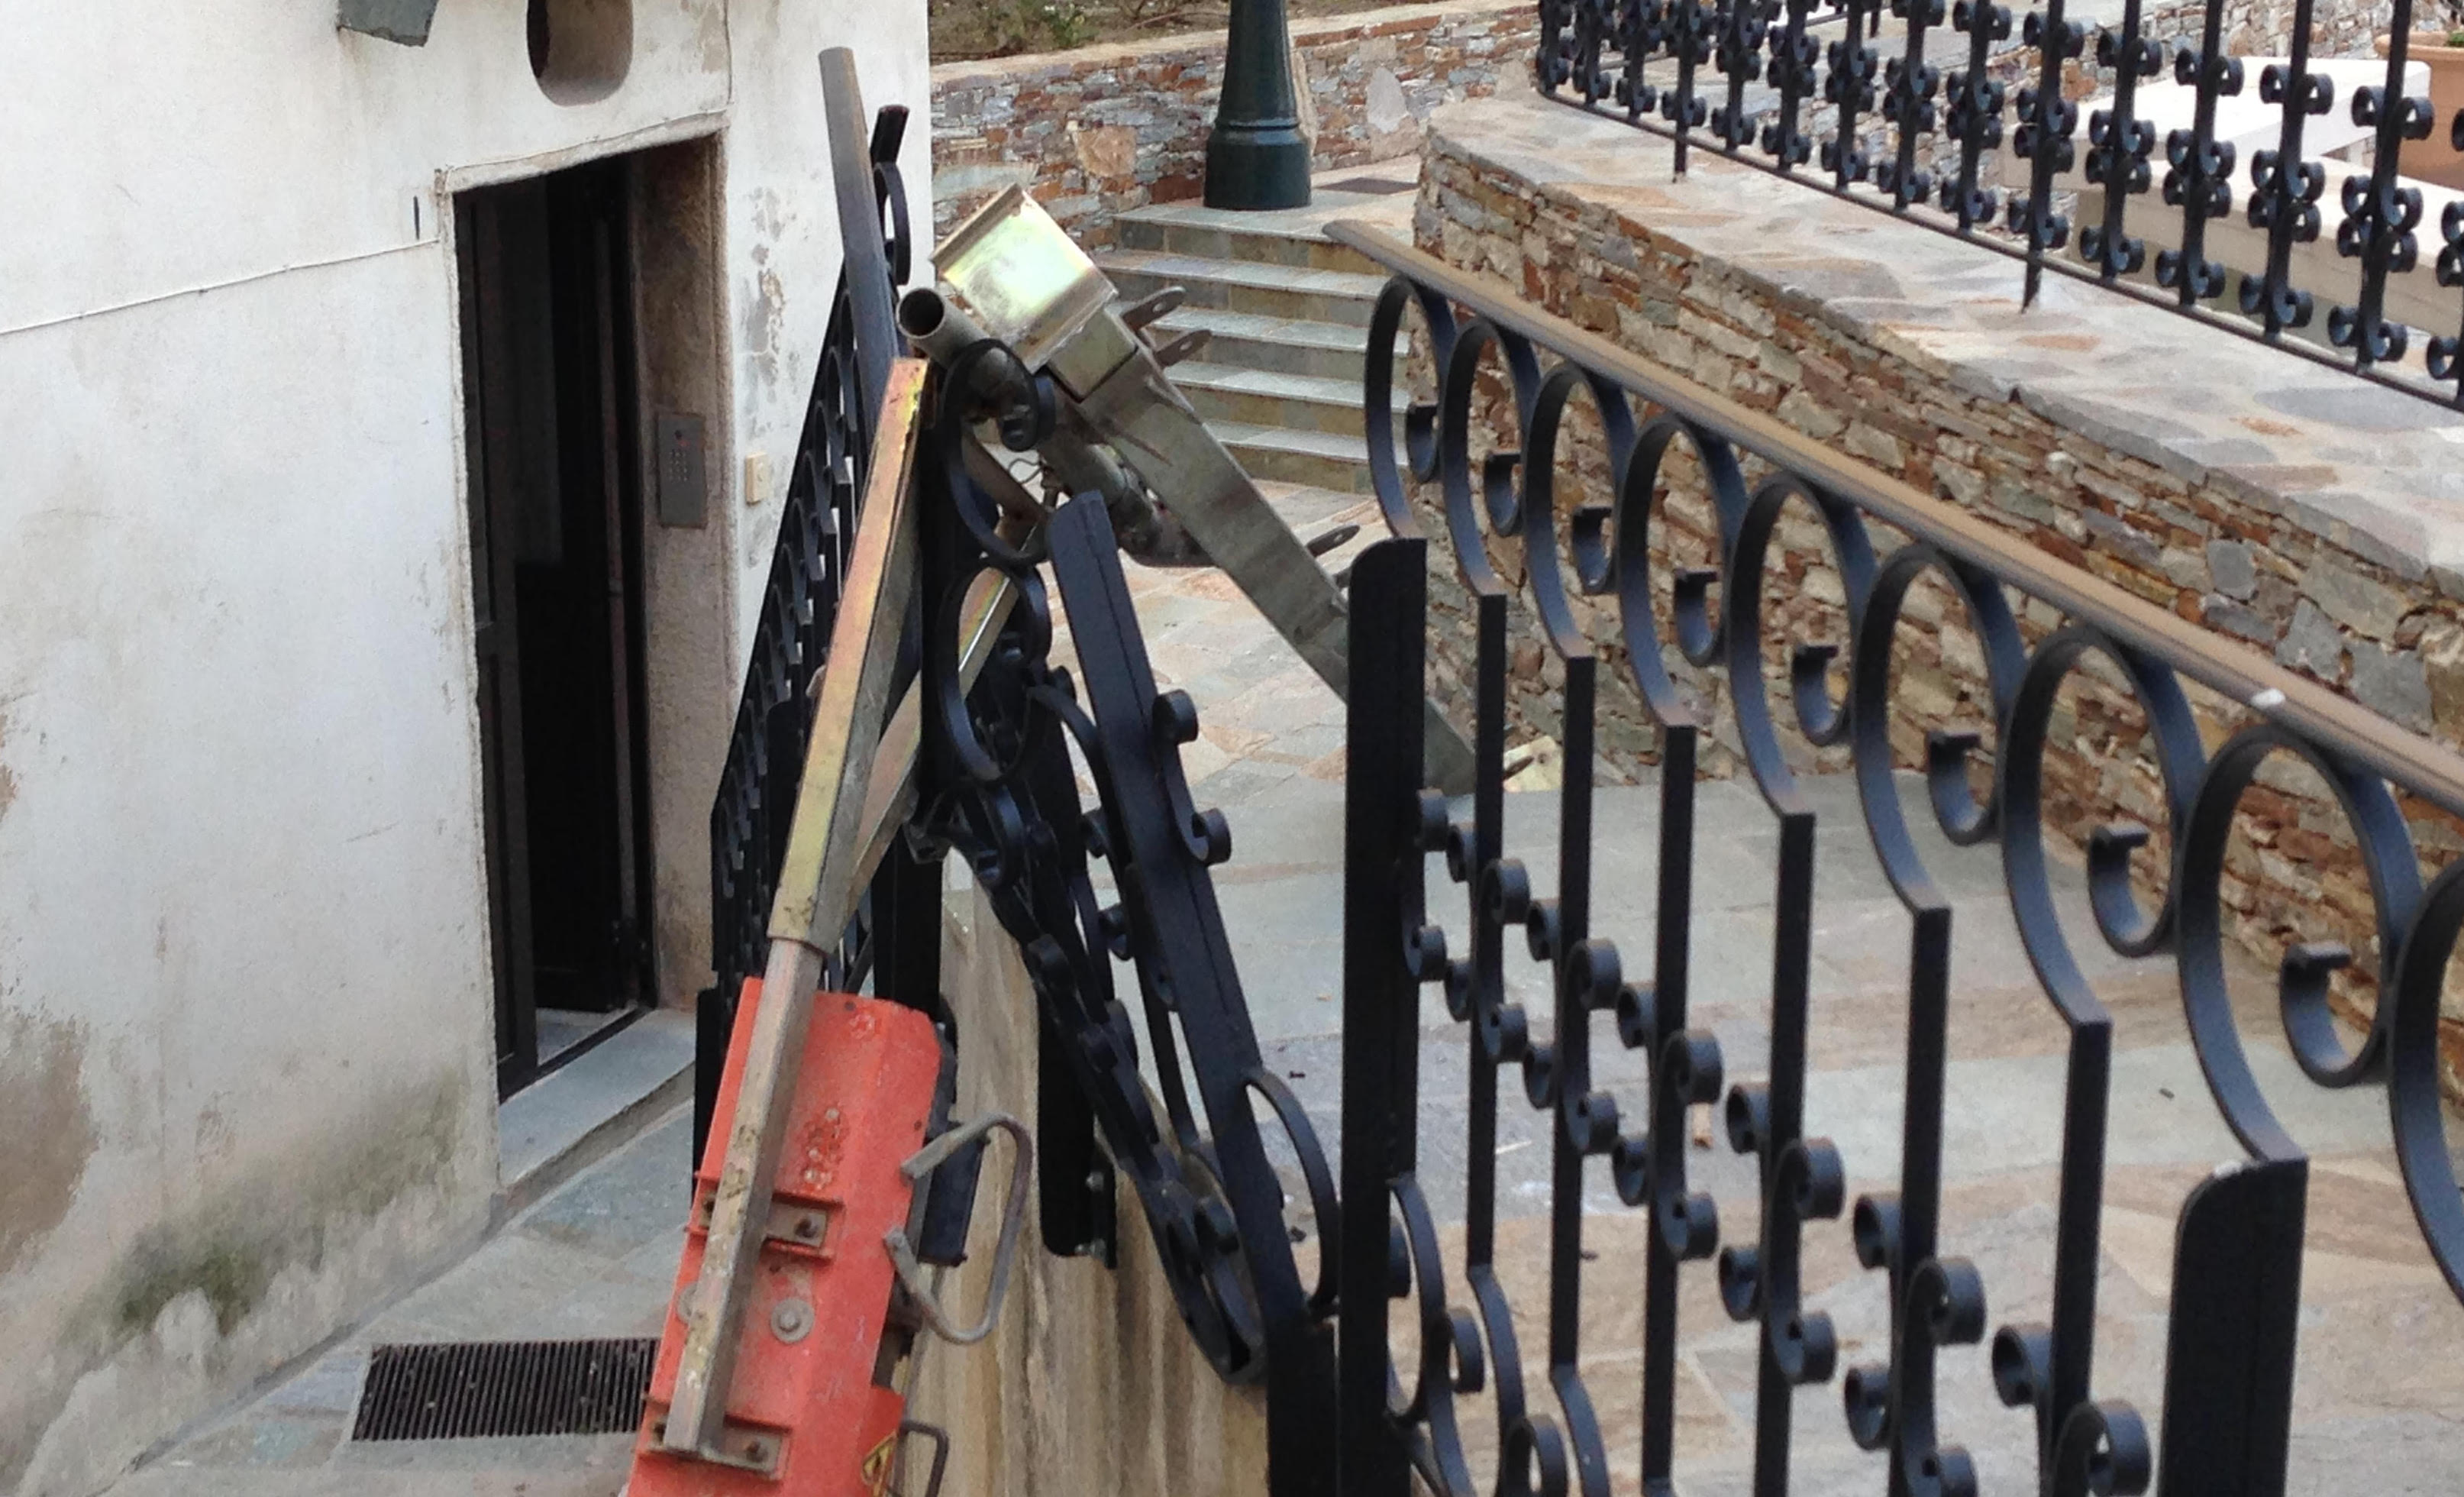 Le monte charge brise la barrière, 4 étages plus bas